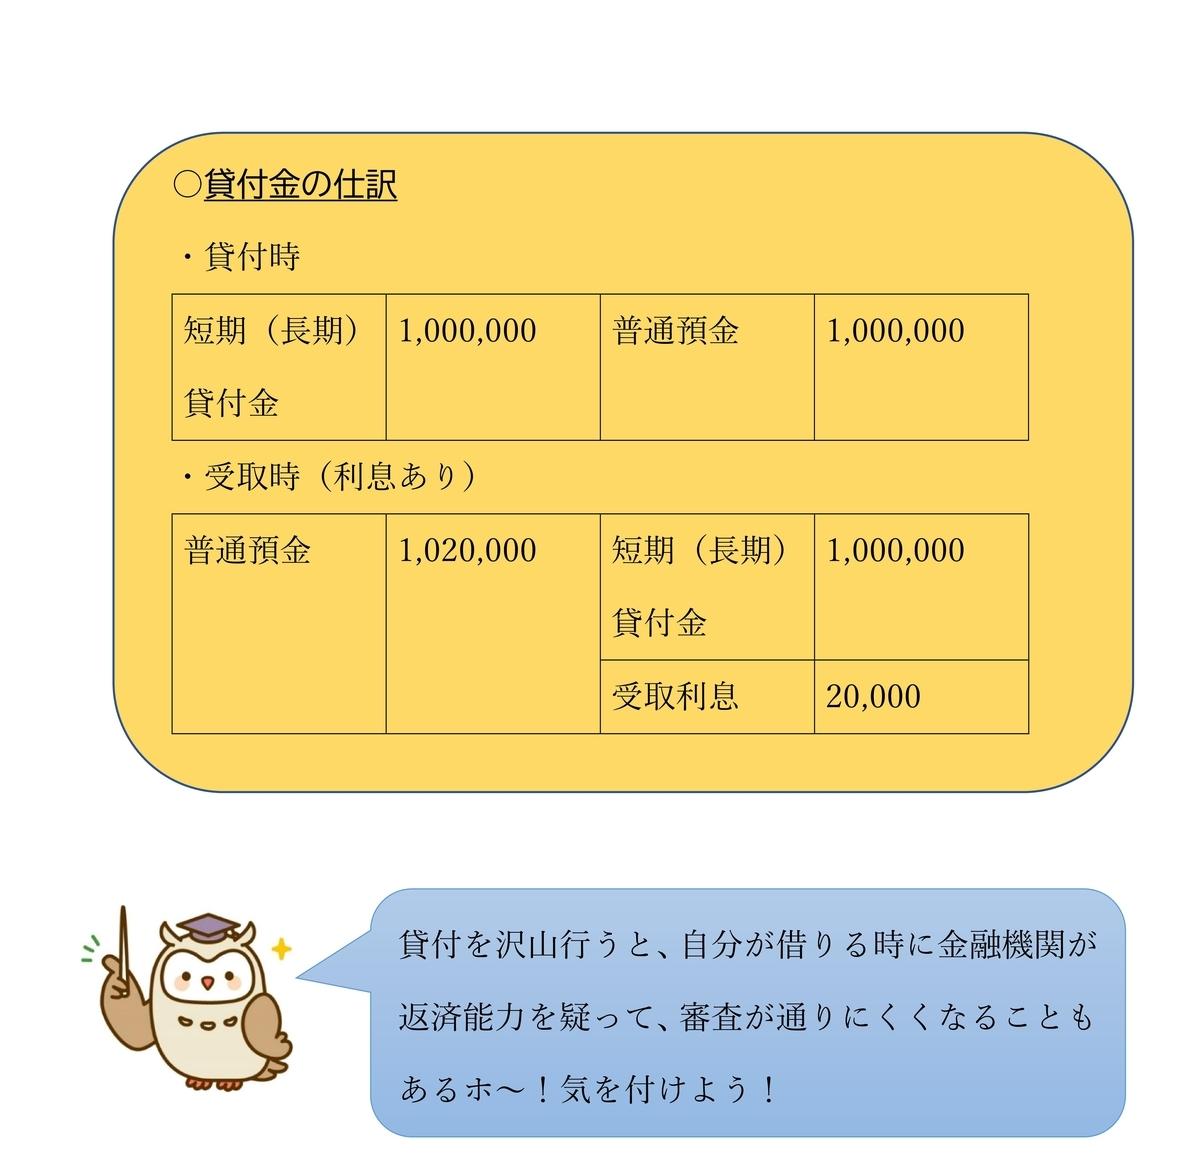 f:id:kokosapo:20210414105043j:plain